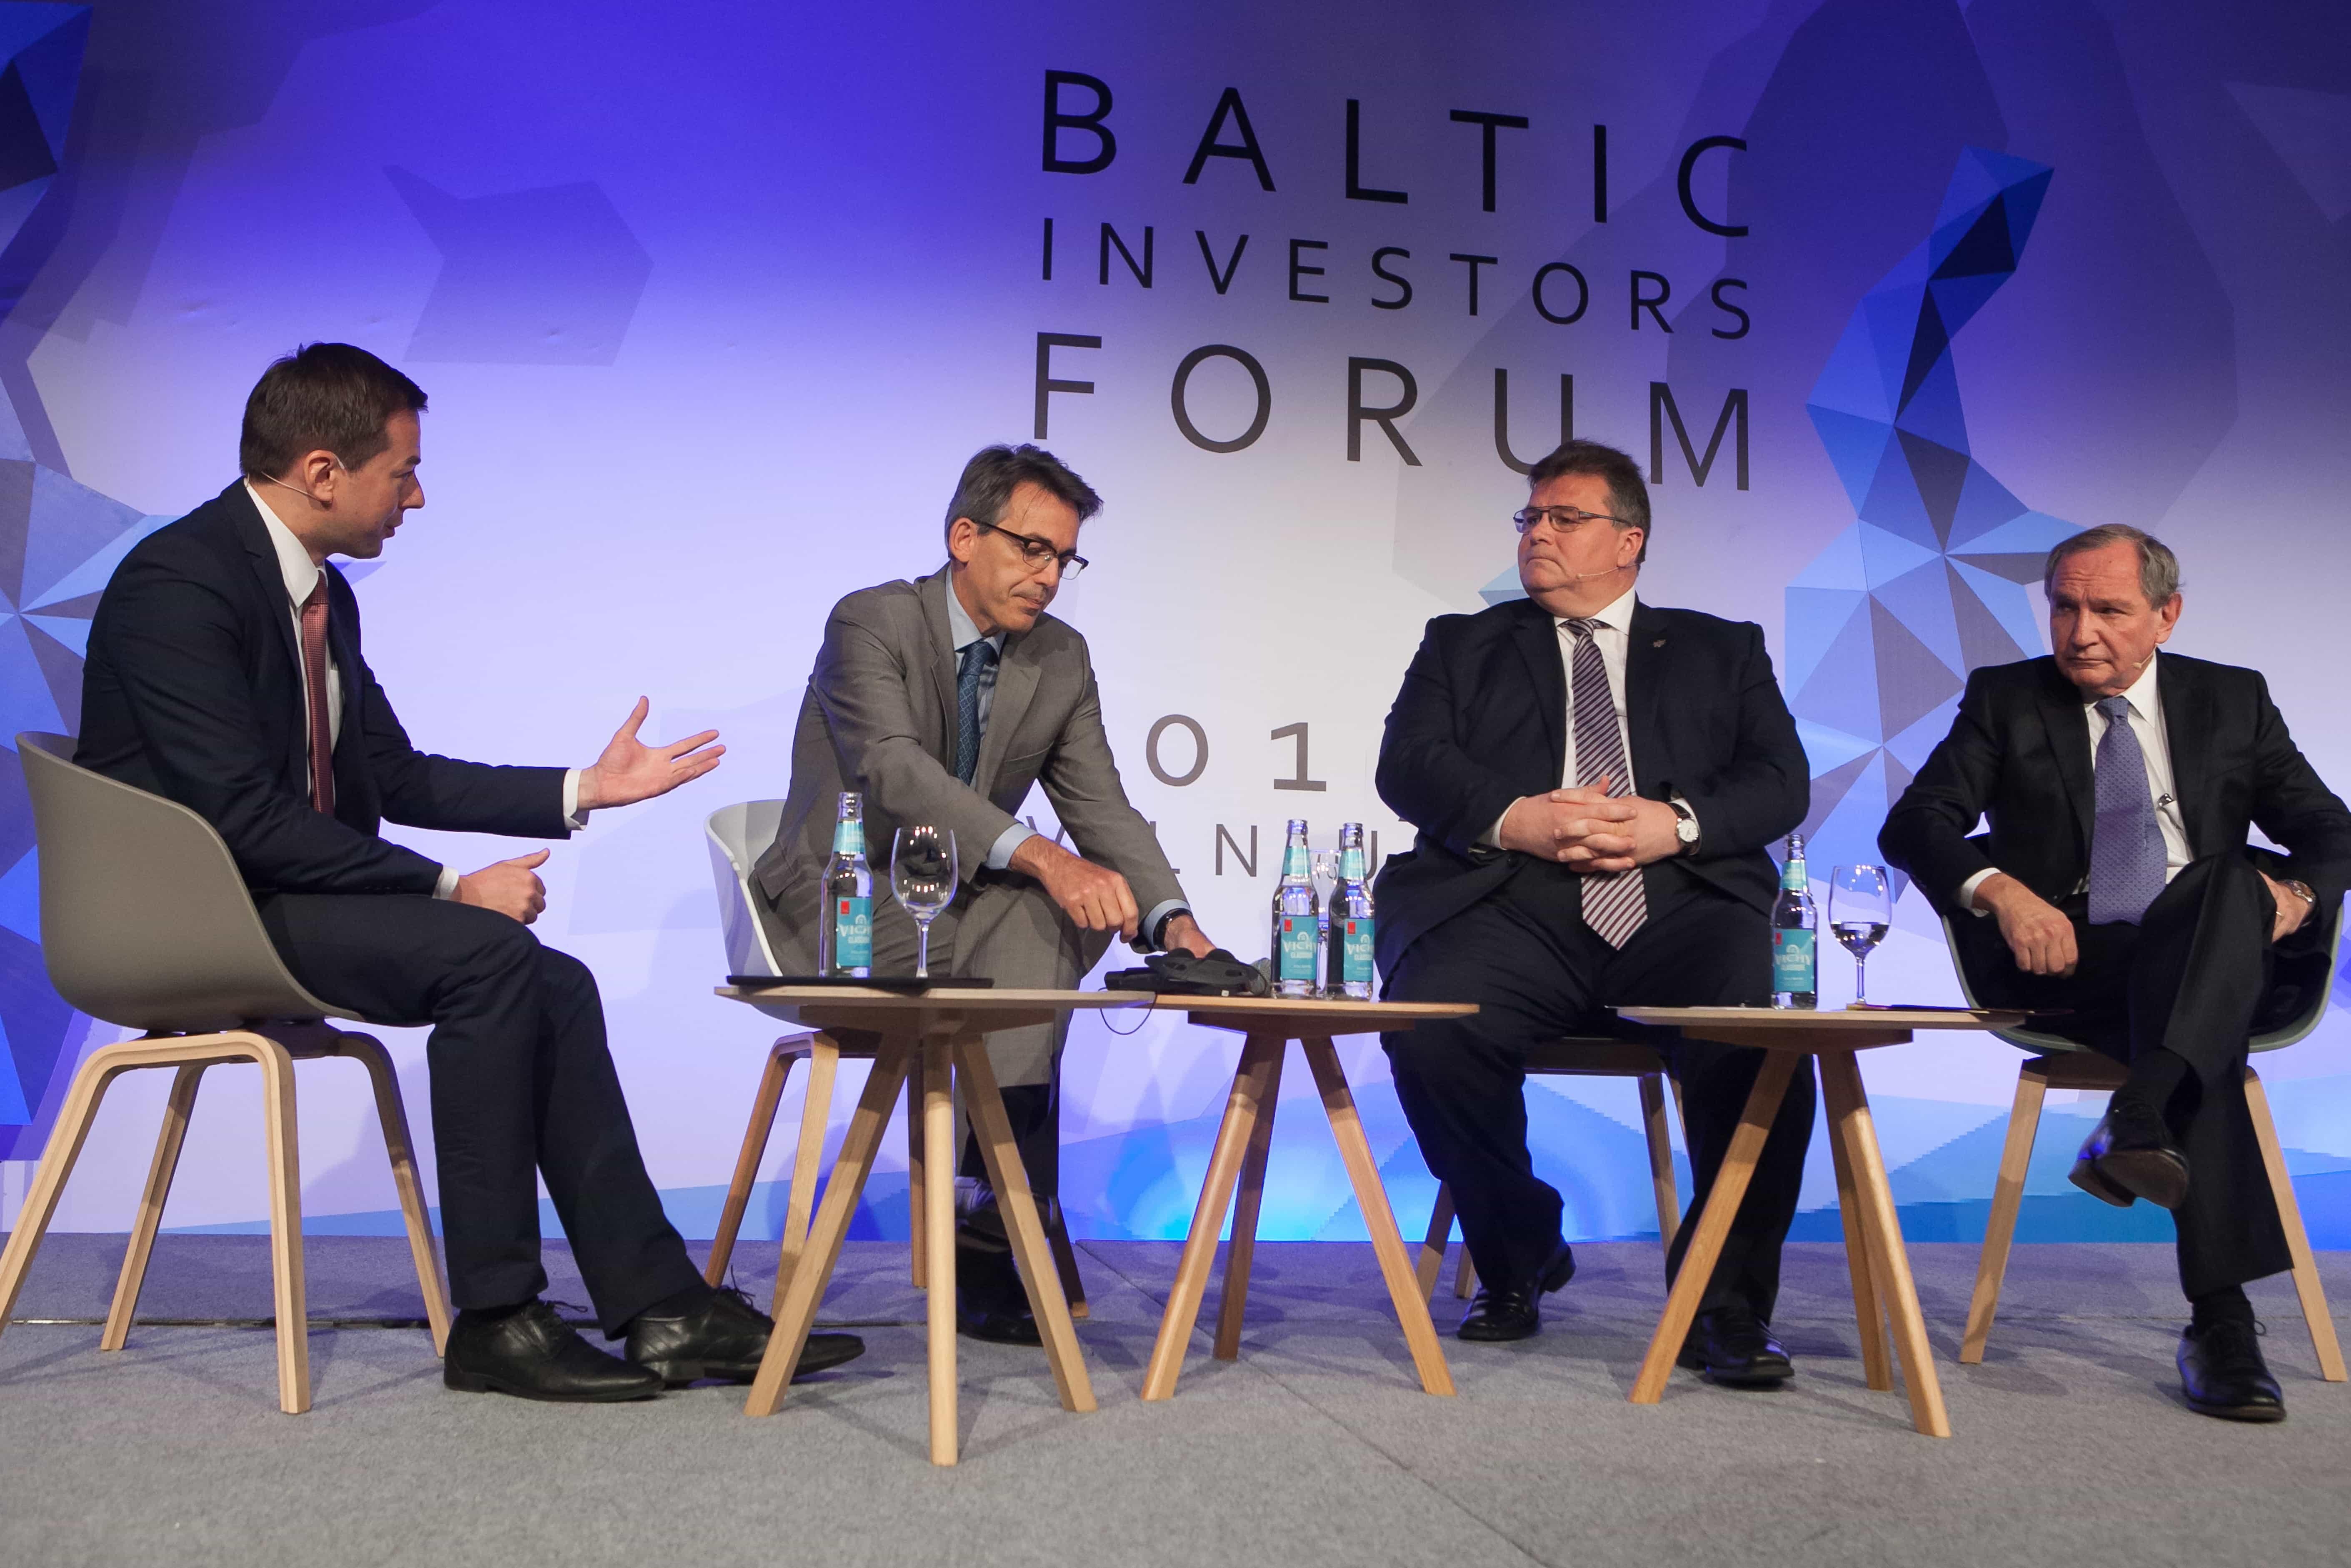 Baltijos regiono šalių investuotojų forumas | Rengėjų nuotr.